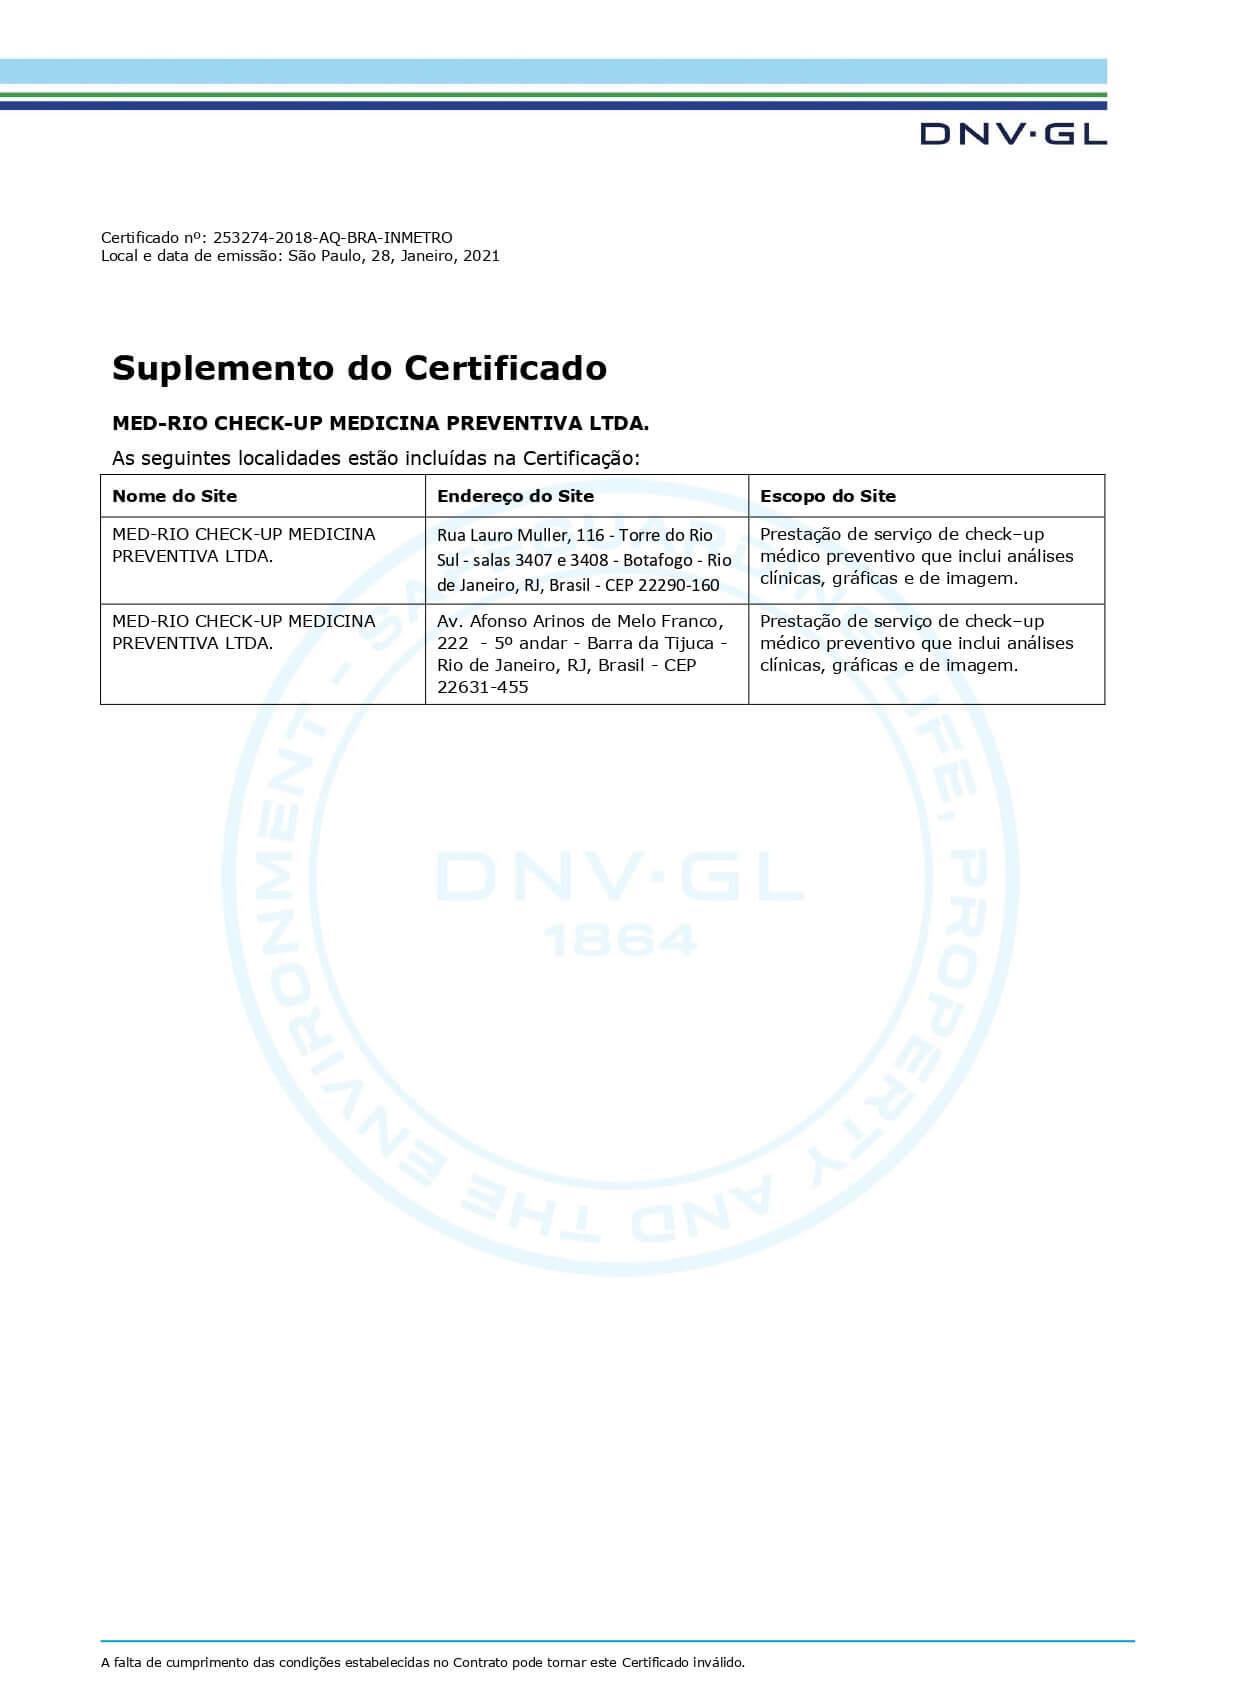 Certificado ISO-9001:2015